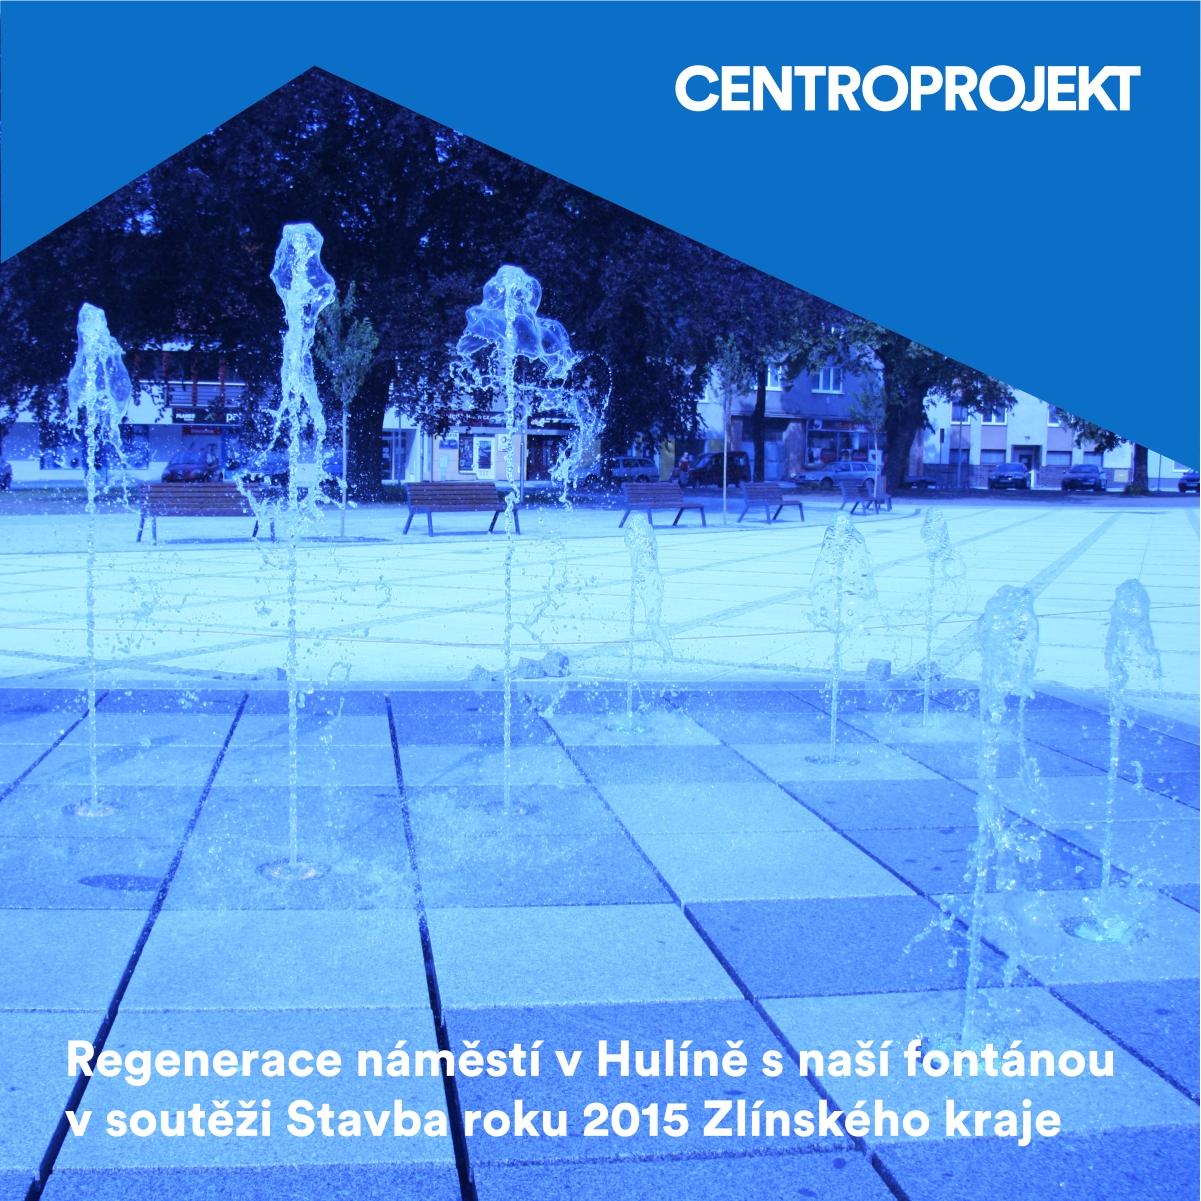 Pro regenereci náměstí v Hulíně jsme dodávali vodní technologie pro fontánu